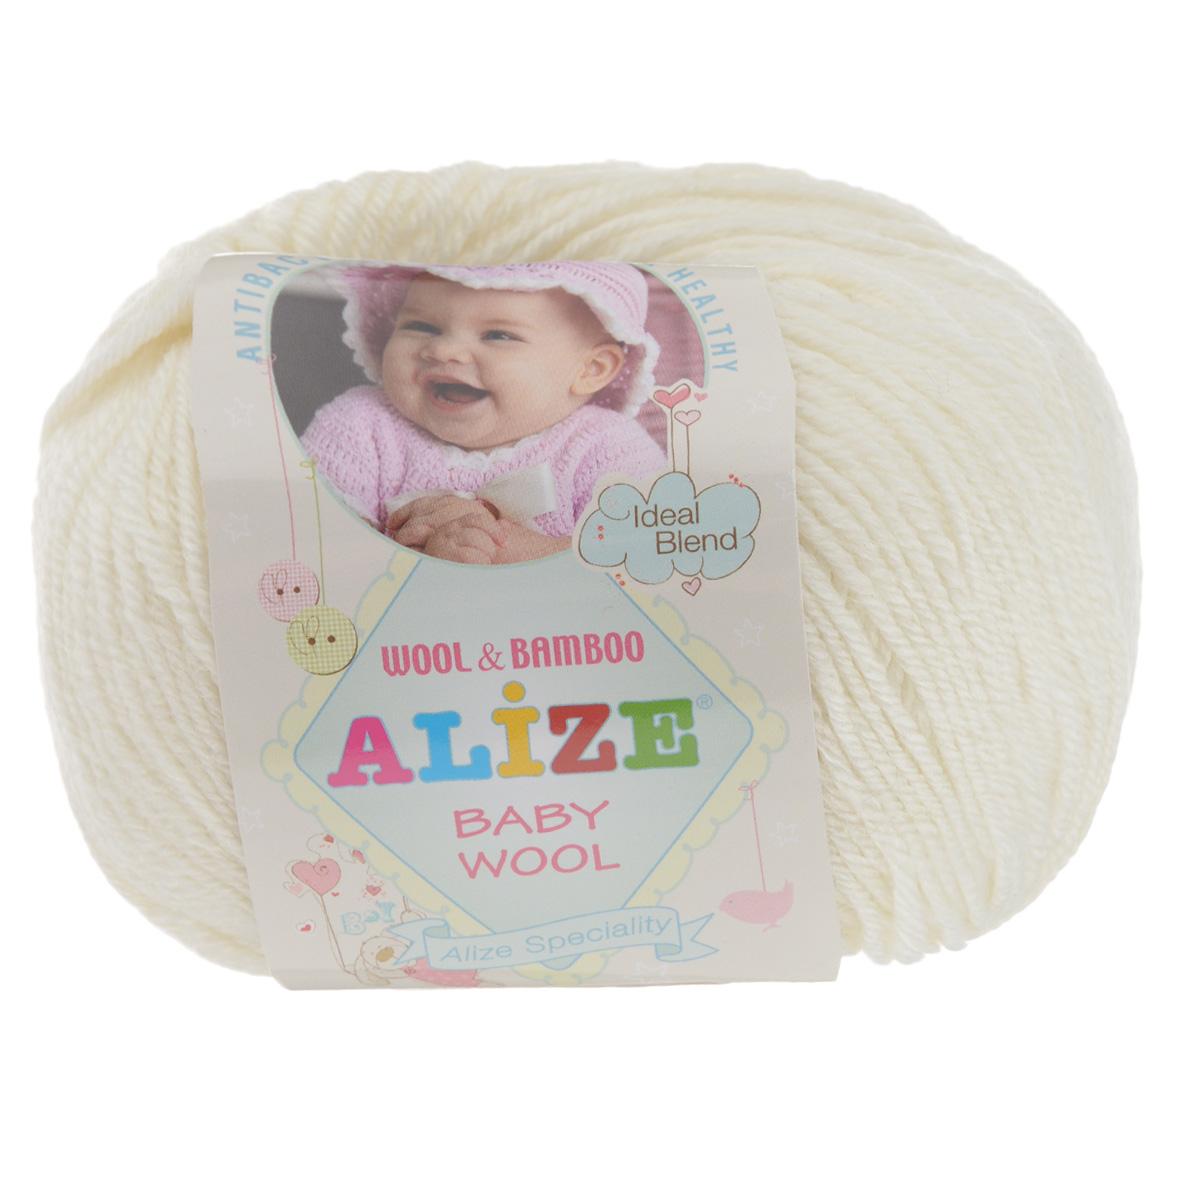 Пряжа для вязания Alize Baby Wool, цвет: молочный (62), 175 м, 50 г, 10 шт686501_62Детская пряжа для вязания Alize Baby Wool изготовлена из очень мягкой и высококачественной натуральной шерсти и бамбука. Из пряжи Baby Wool получается тонкий, но очень теплый трикотаж для ребенка. Акрил в составе нитей допускает легкую машинную стирку вещей. Цветовая палитра включает в себя комбинации, которые подходят как для мальчиков, так и для девочек. Рекомендуемые для вязания спицы 2,5-4 мм и крючки 1-3 мм. Состав: 40% шерсть, 40% акрил, 20% бамбук.